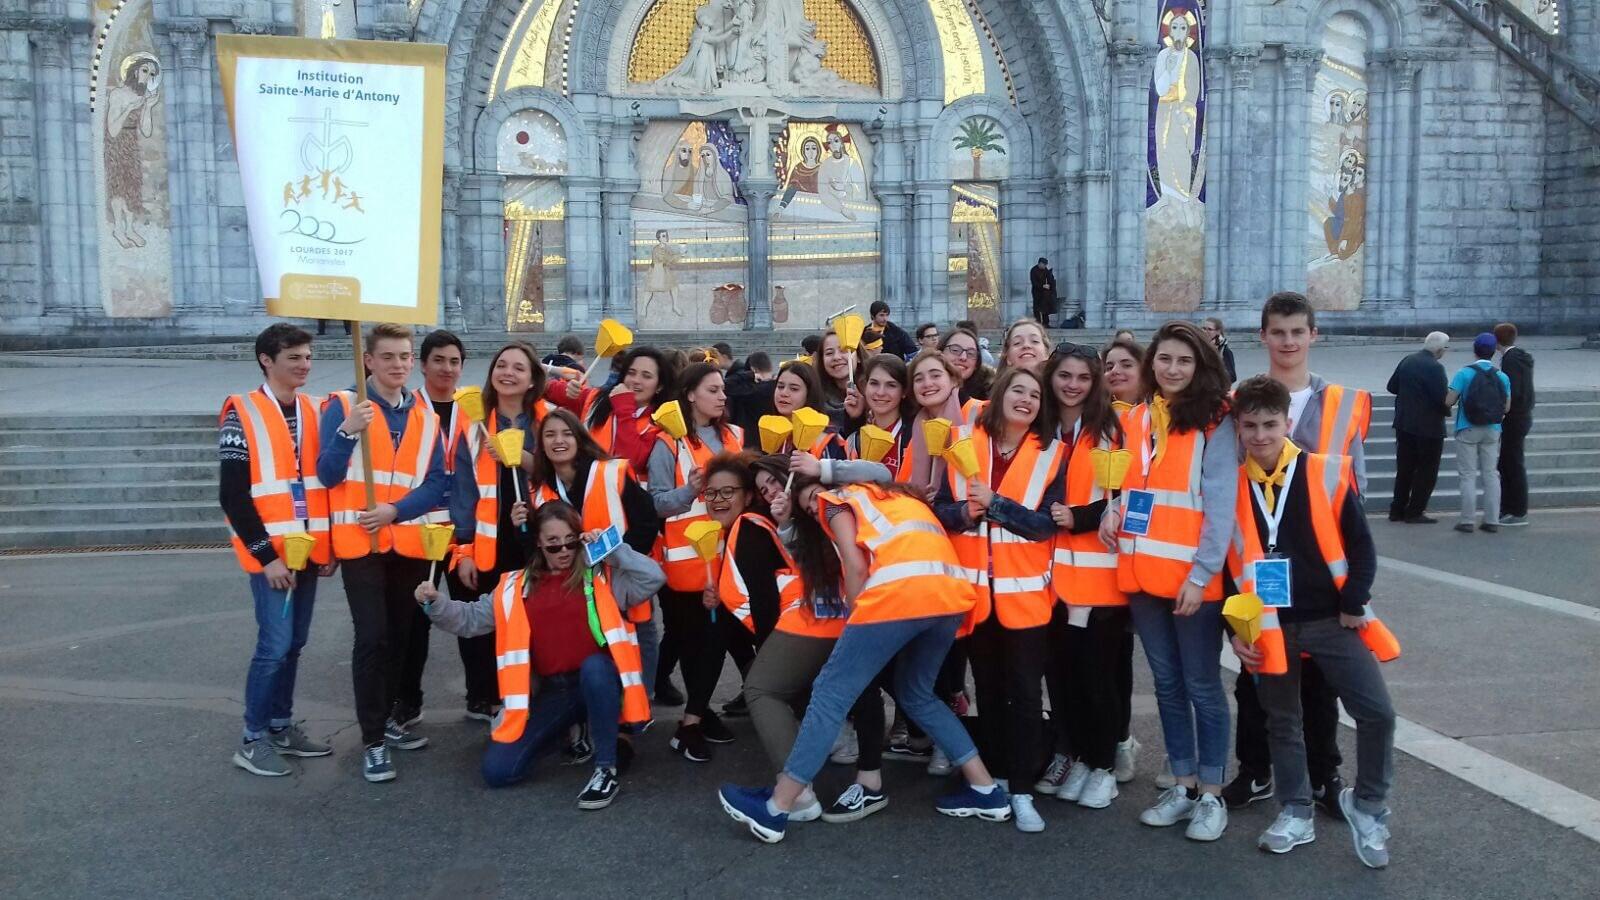 Lourdes2017 (31)